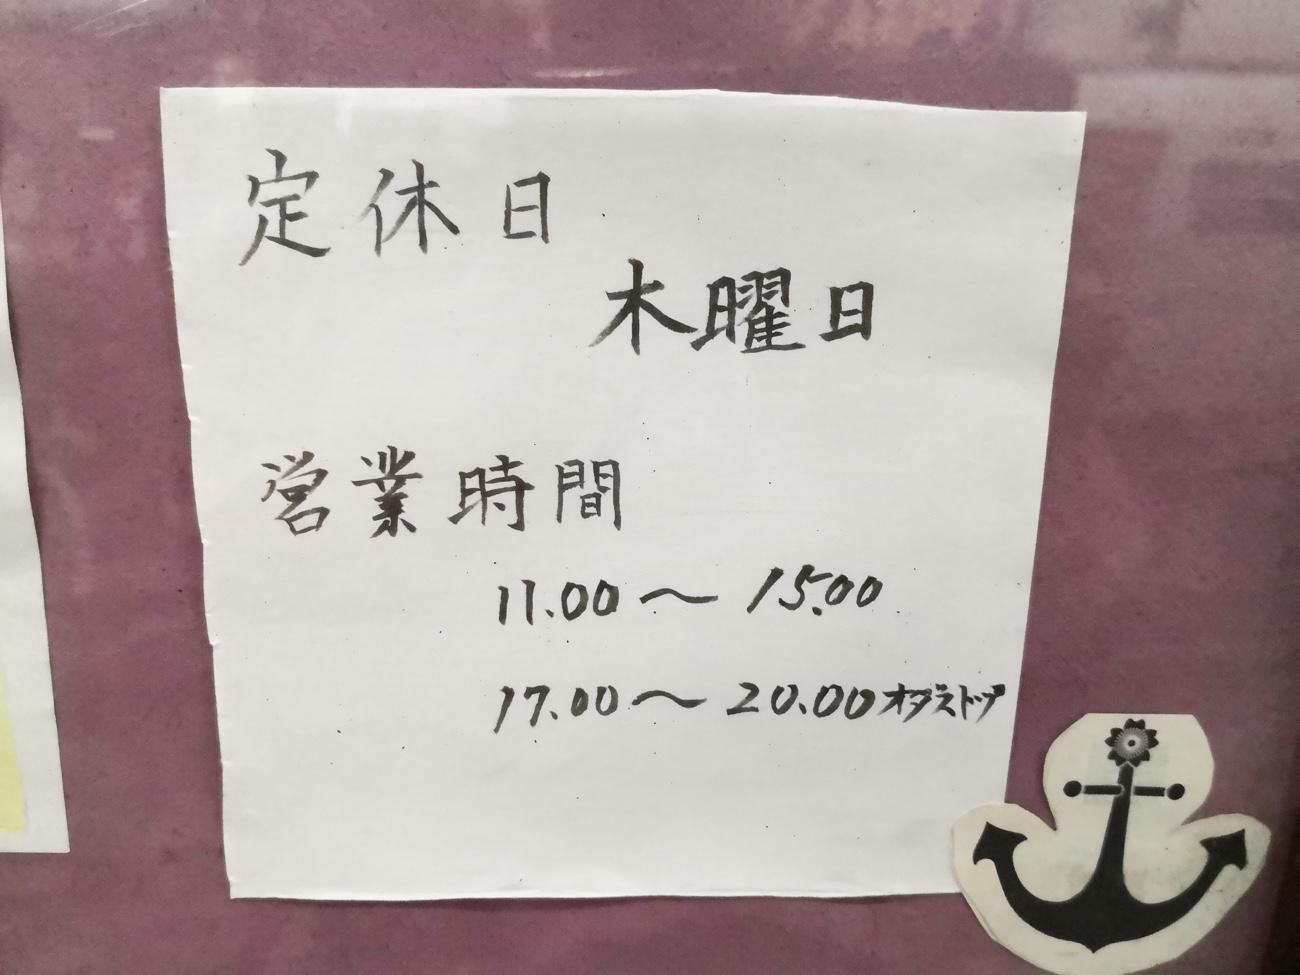 呉グルメ 田舎洋食いせ屋 定休日営業時間